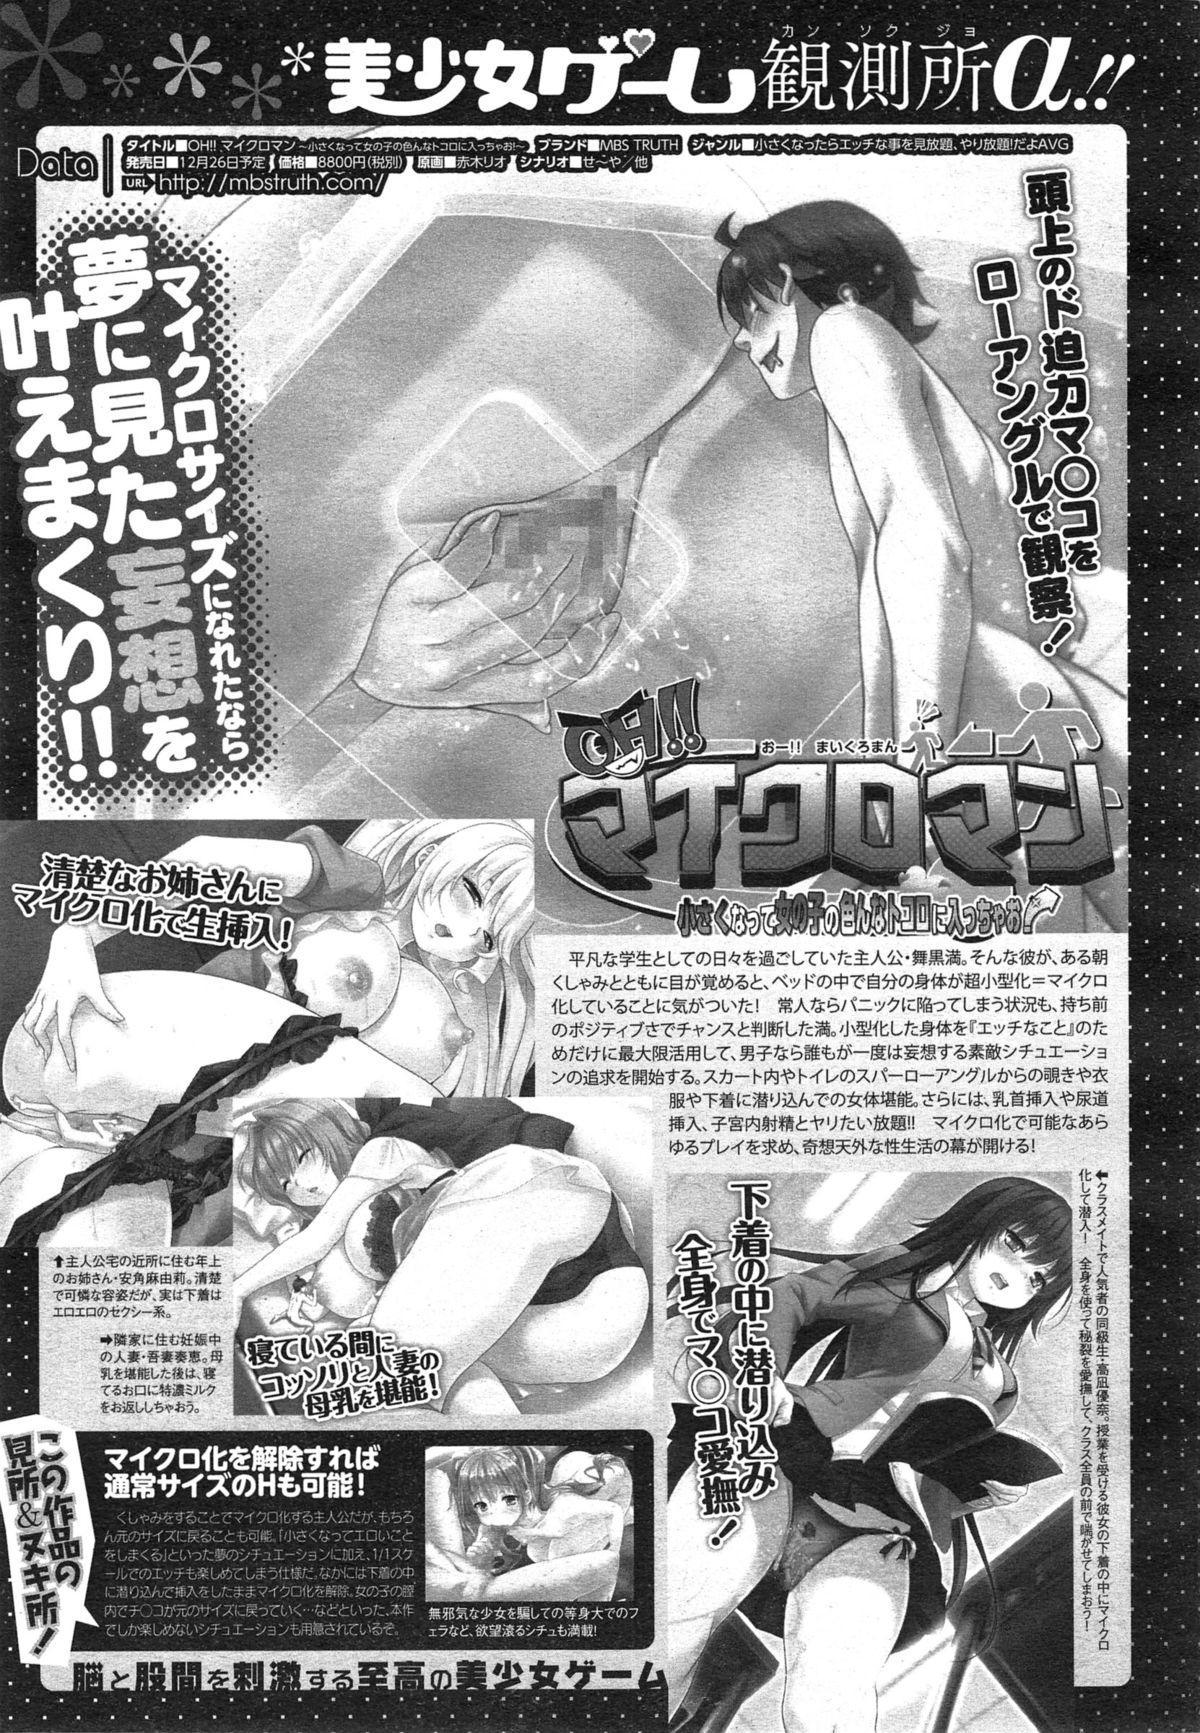 COMIC Megastore Alpha 2015-01 366